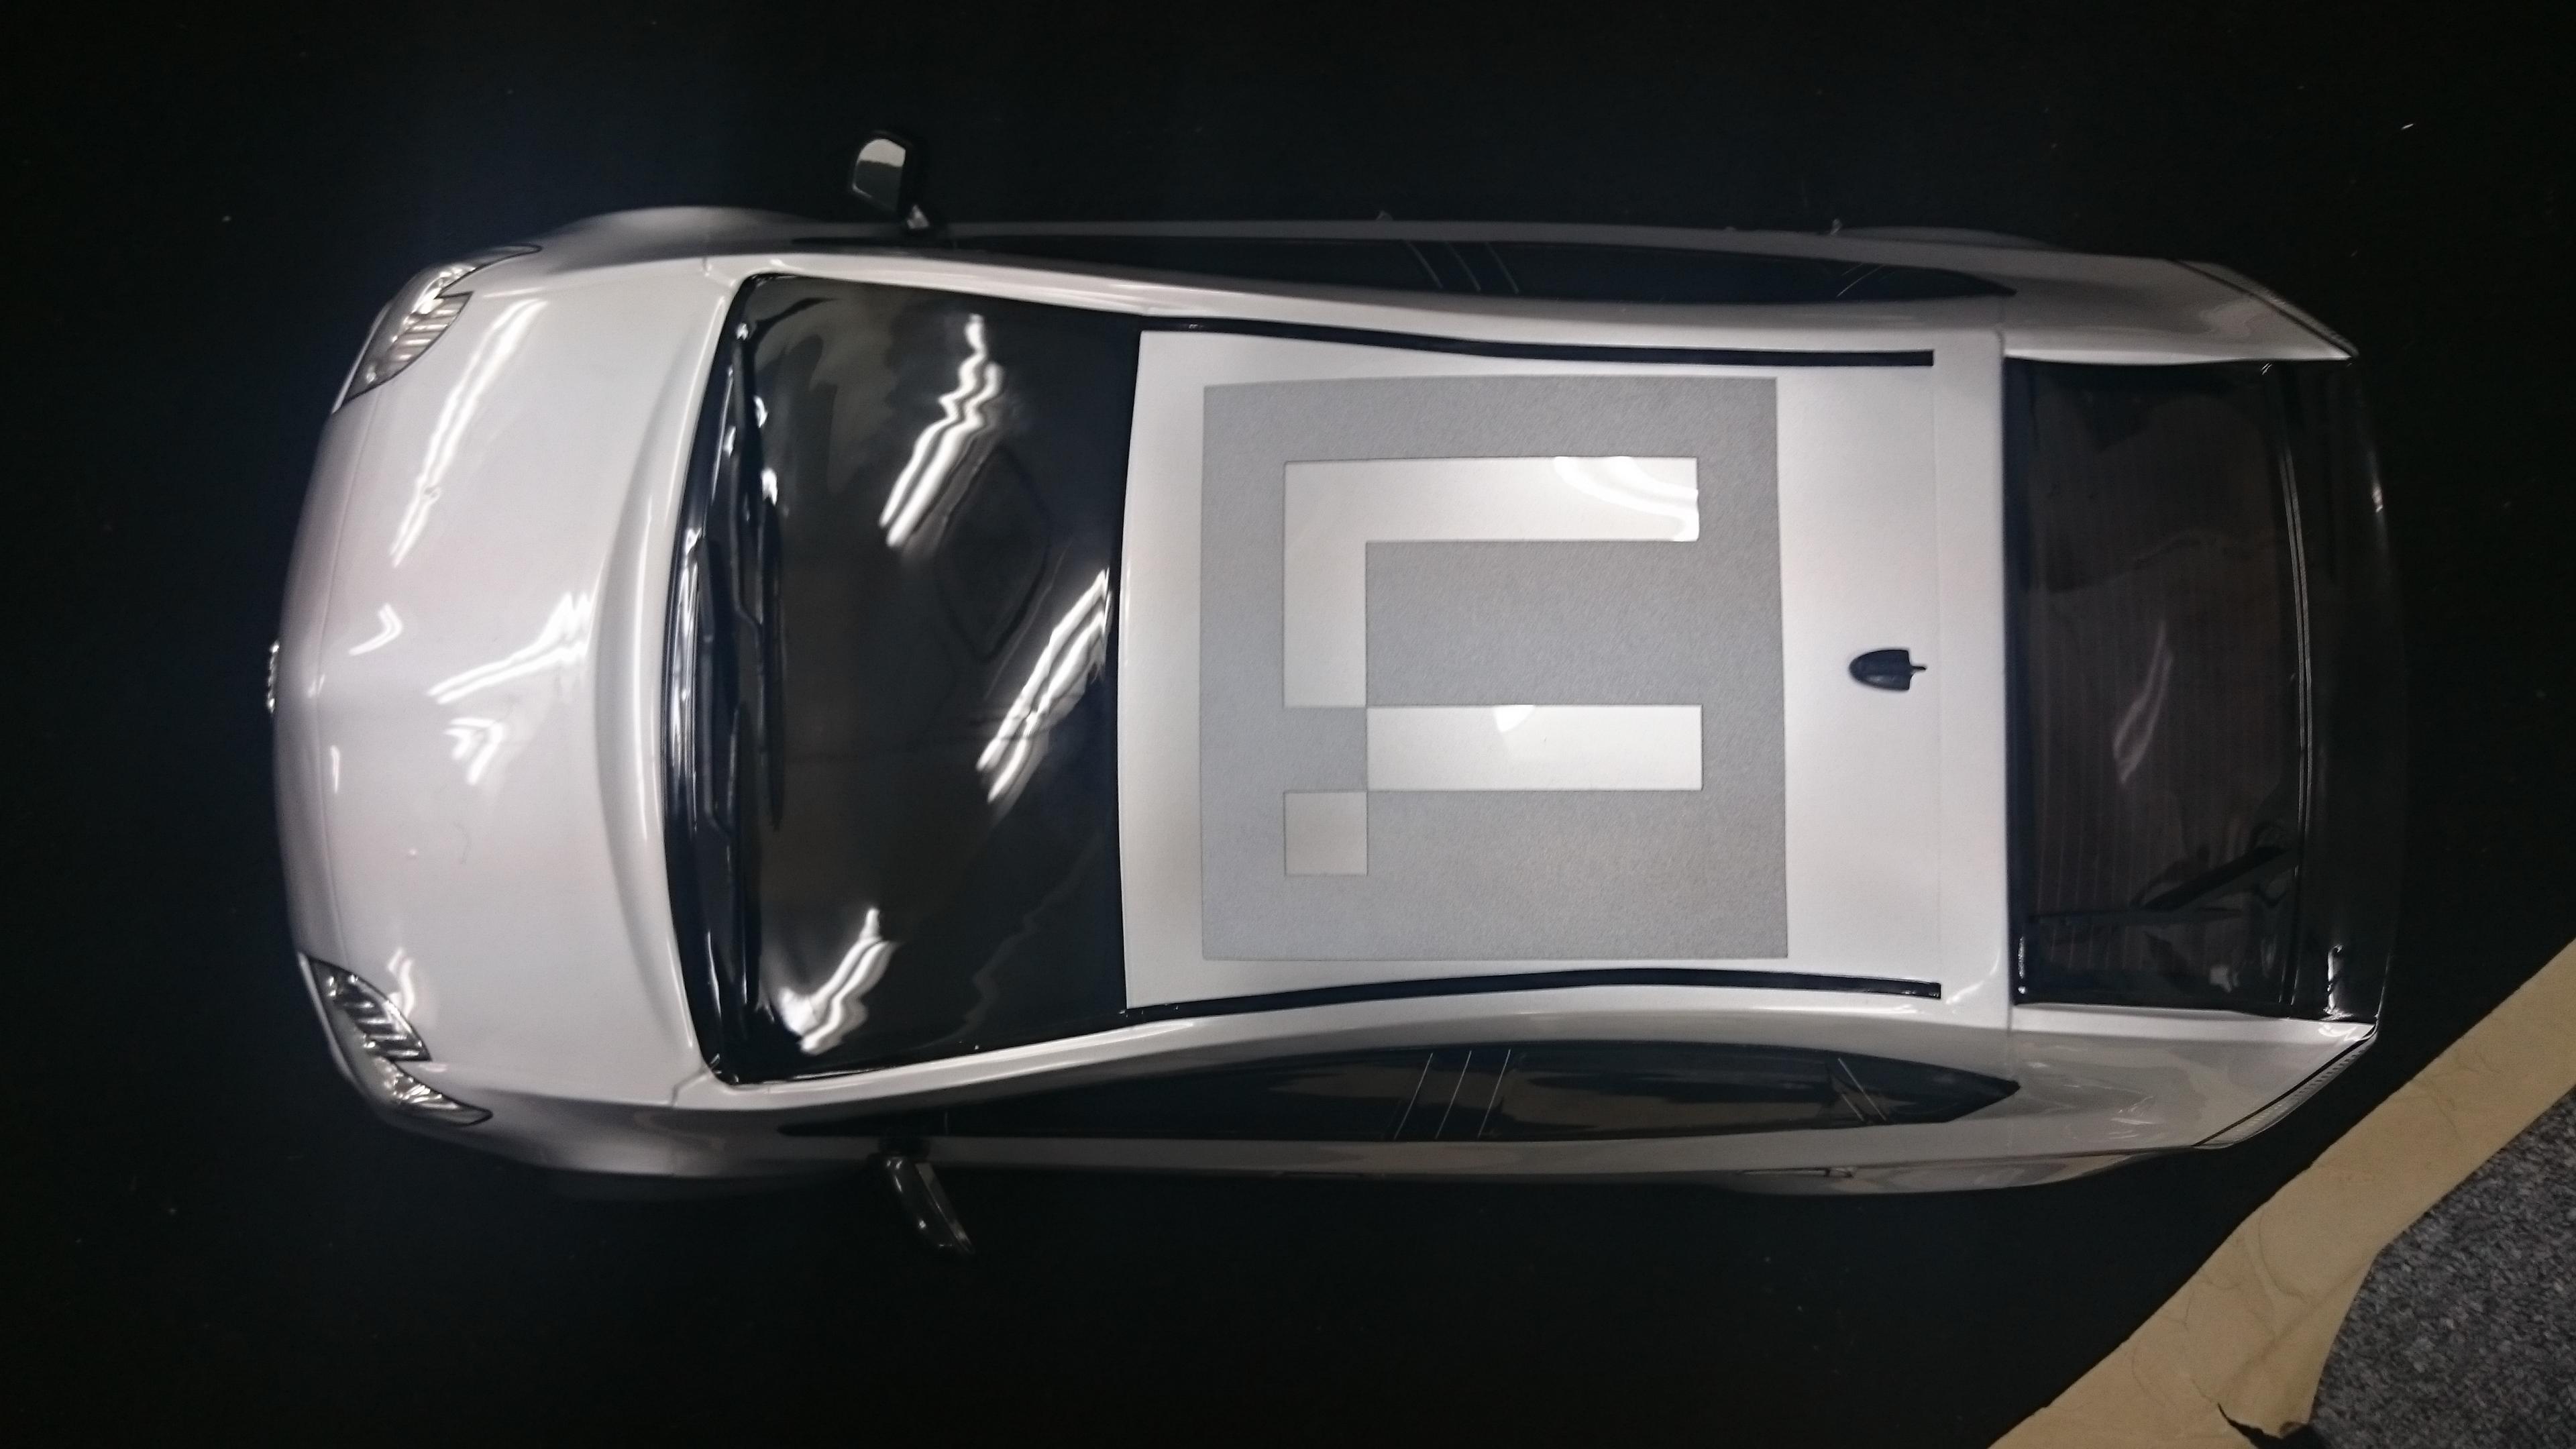 CES2016でロボットカーのデモを展示してきました